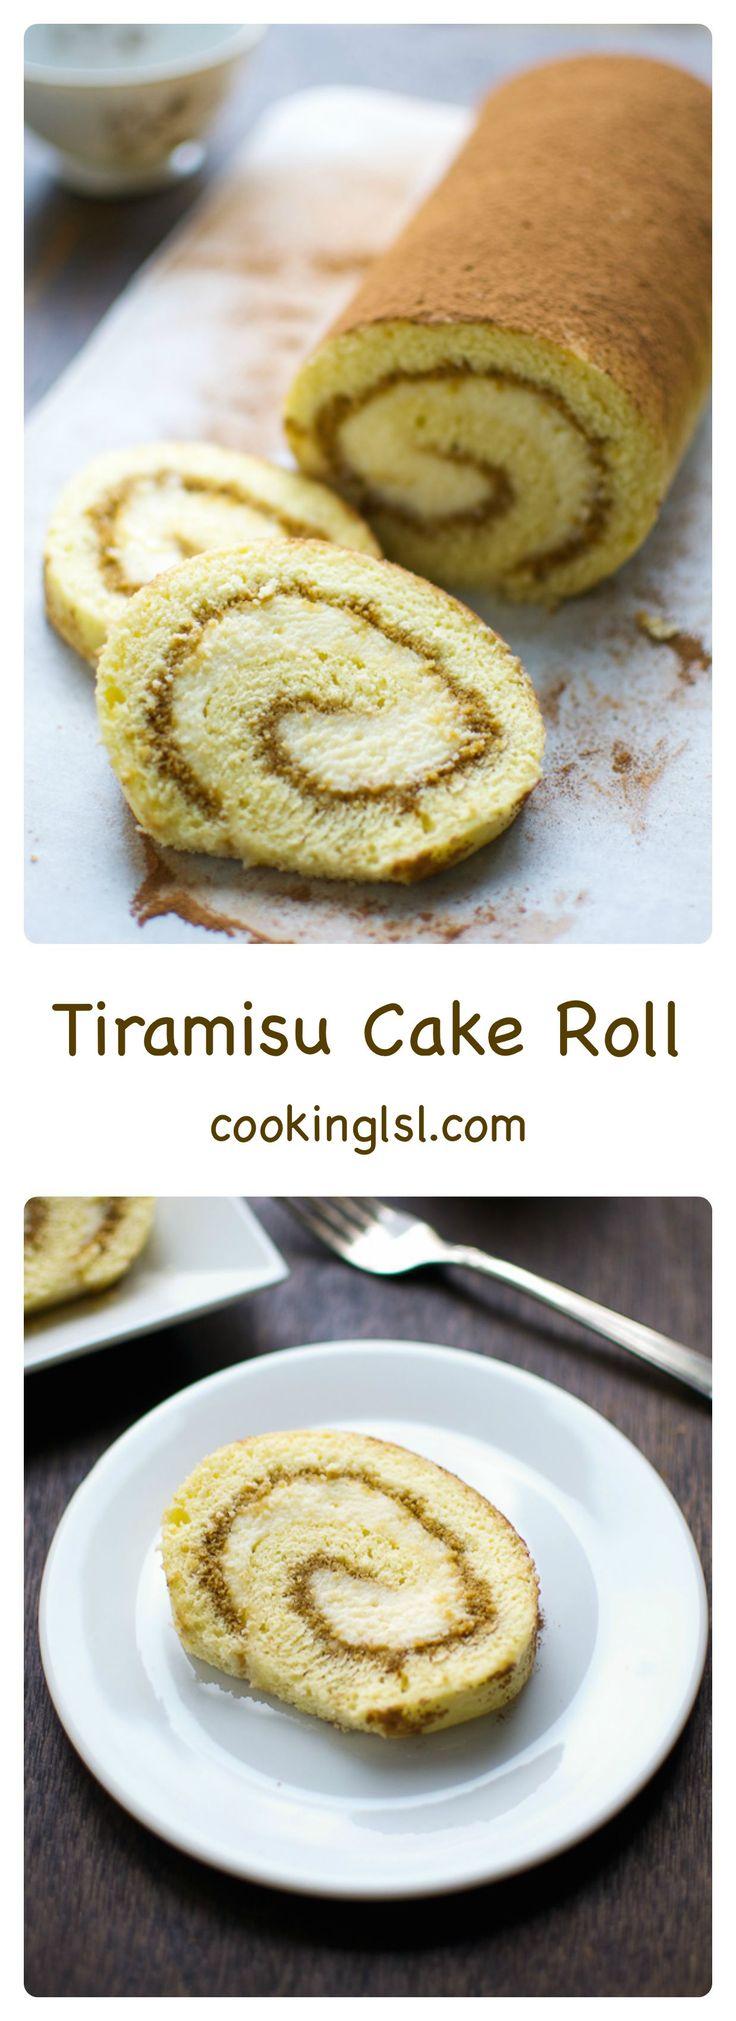 tiramisu-cake-roll-recipe-sponge-cake-espresso-mascarpone